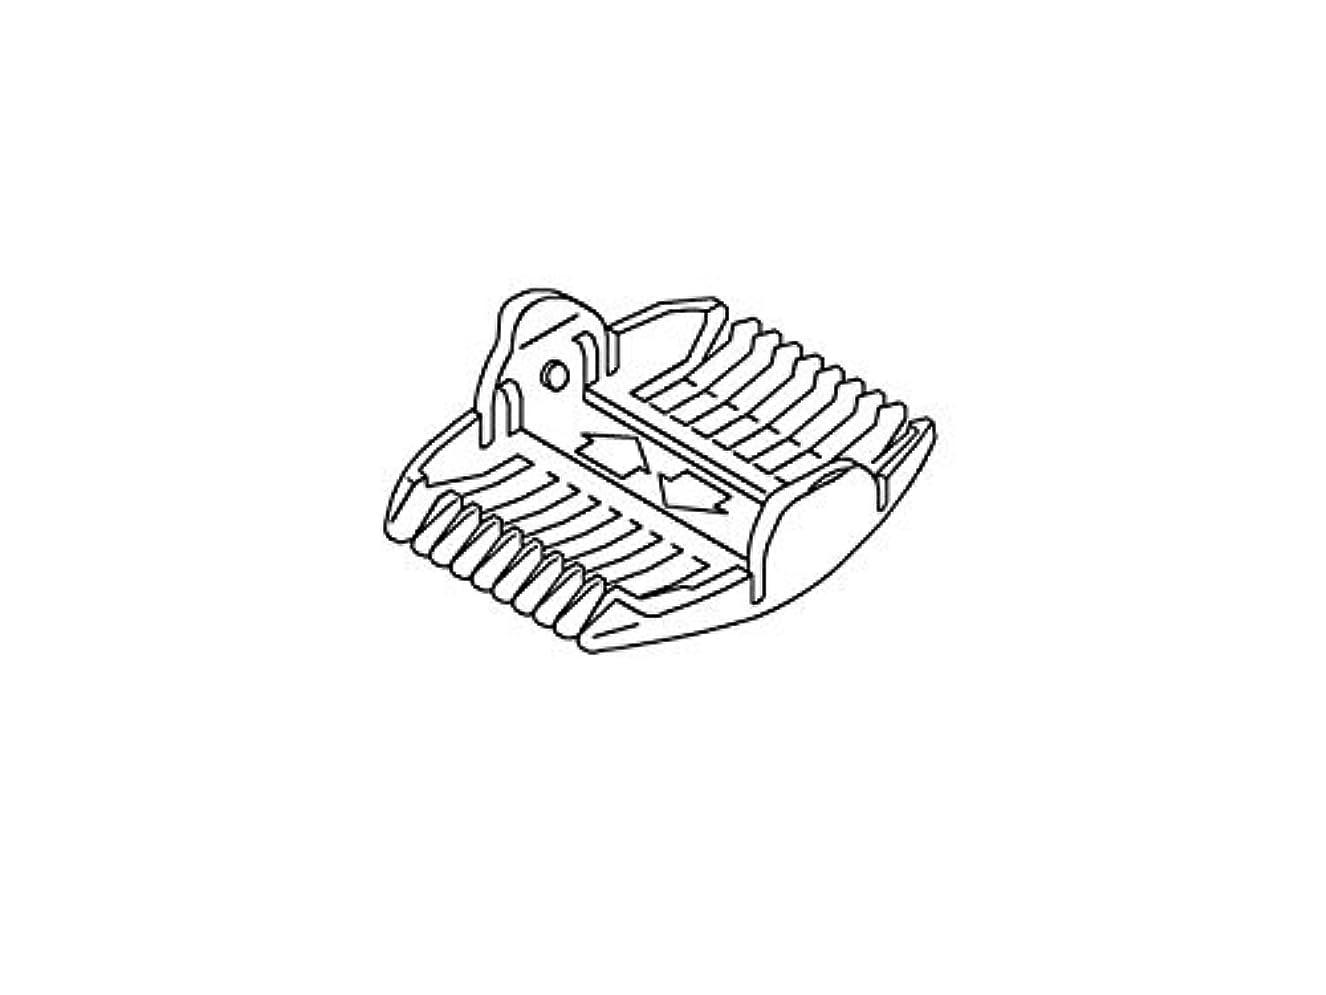 気がついてパンサー熟読するPanasonic 刈り高さアタッチメント(3/6mm) ERGF80W7397